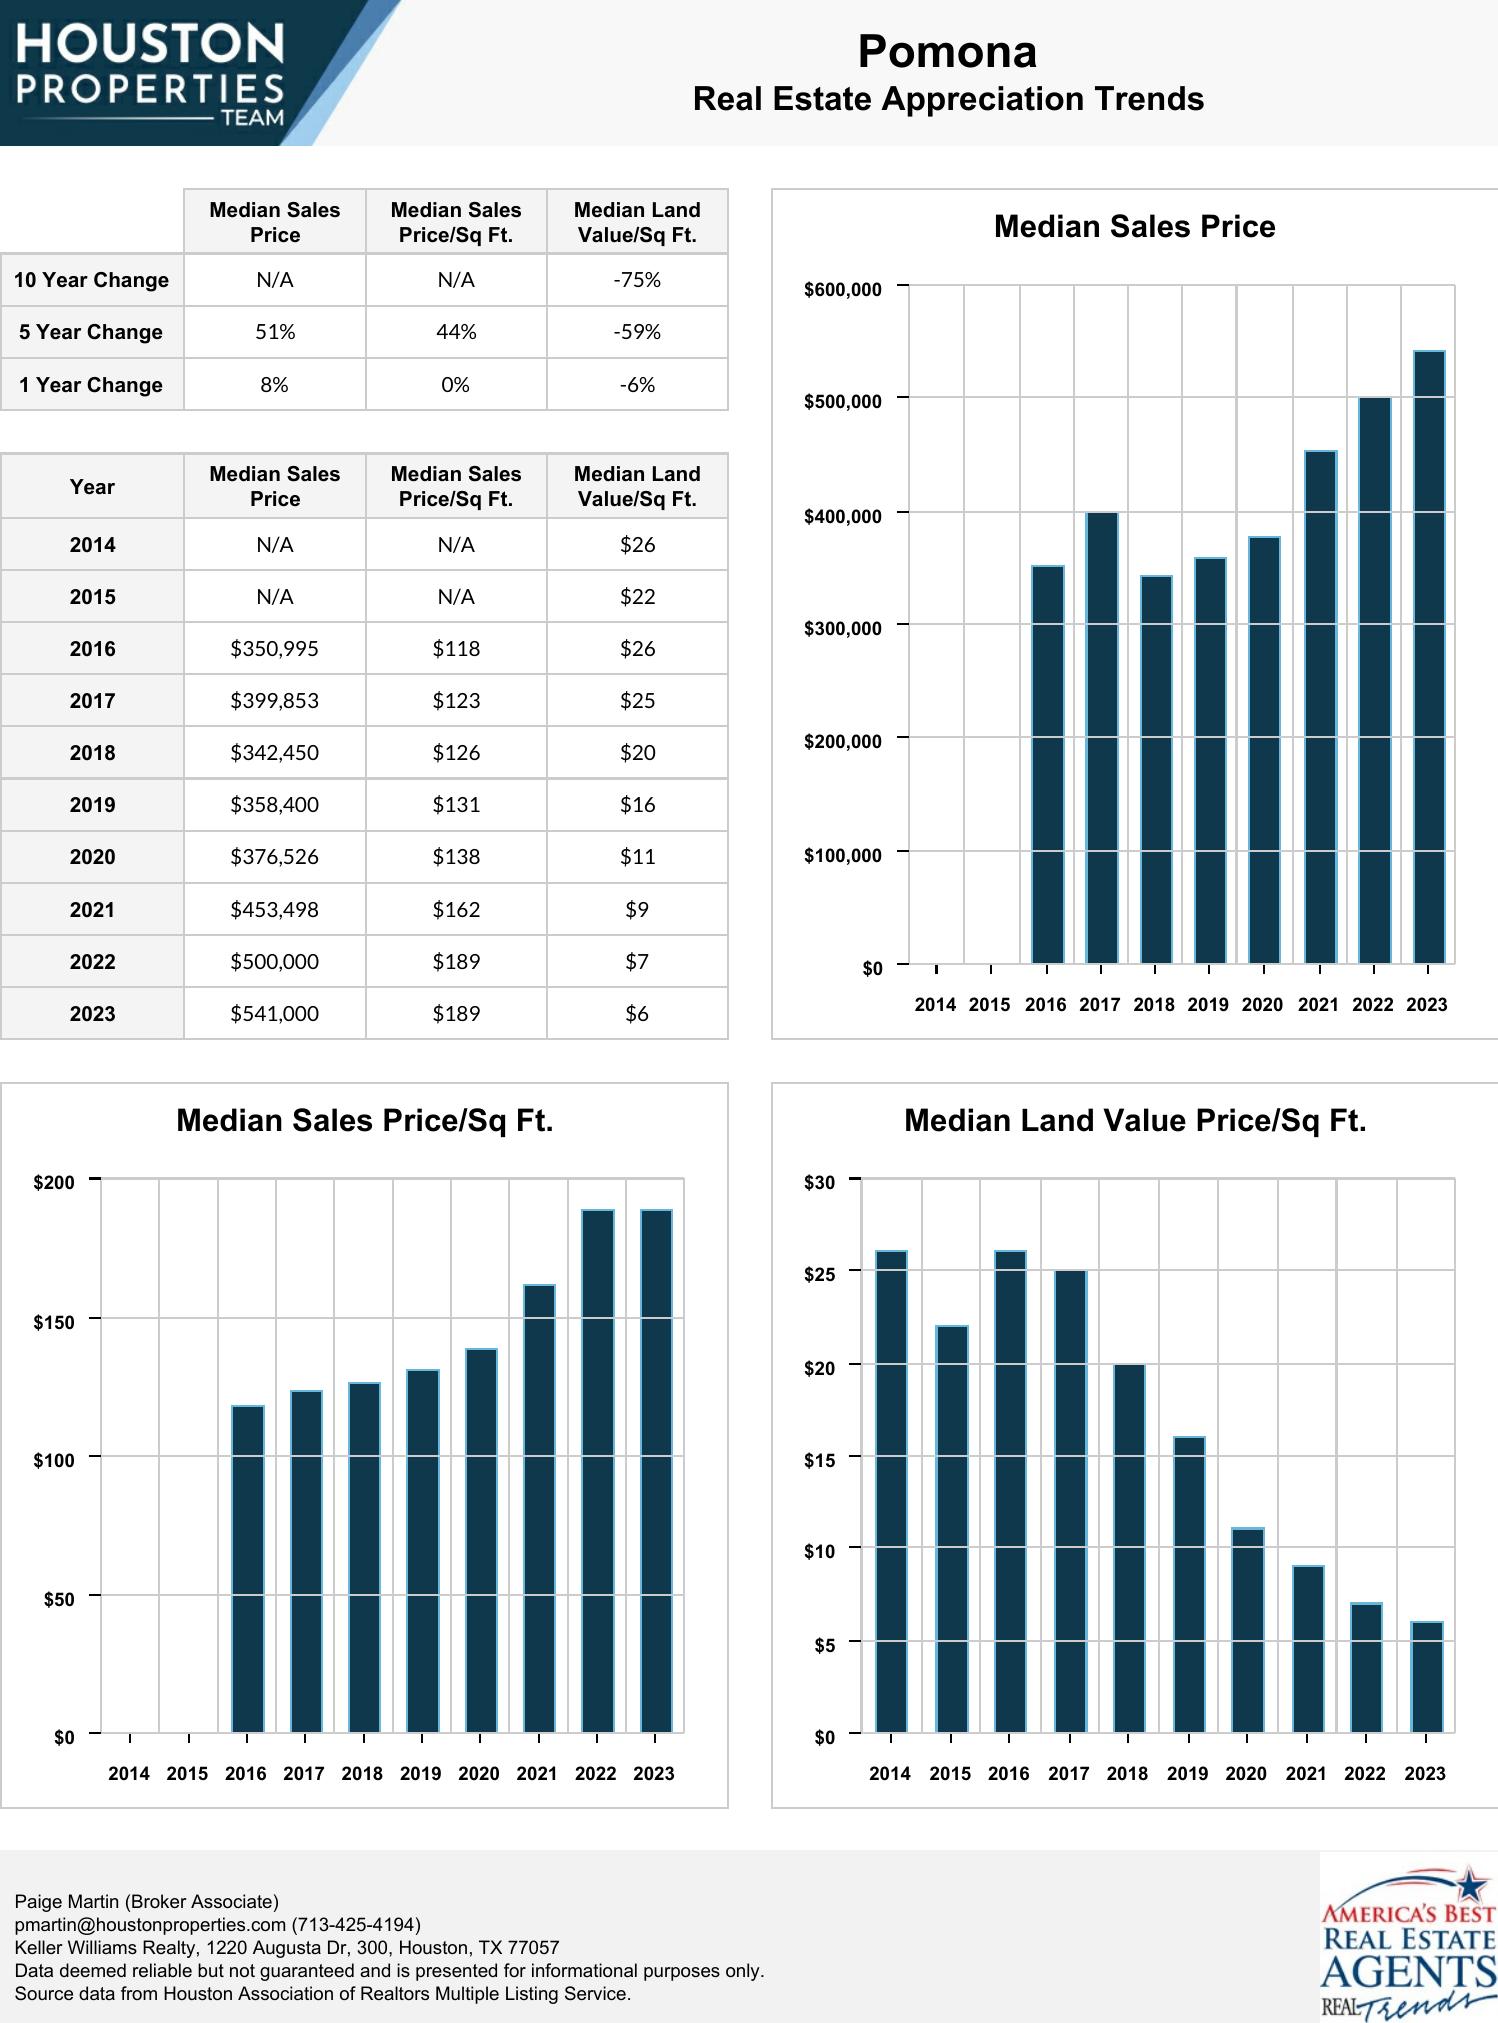 Pomona Real Estate Trends